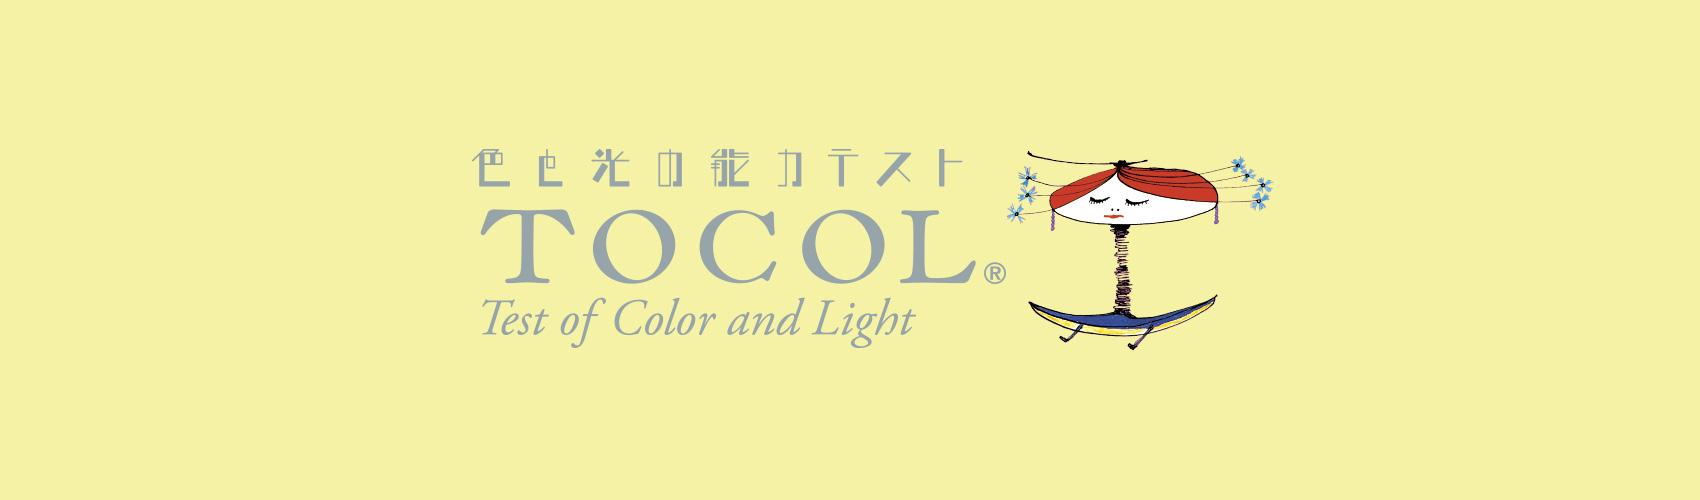 光と色彩の能力テストTOCOL